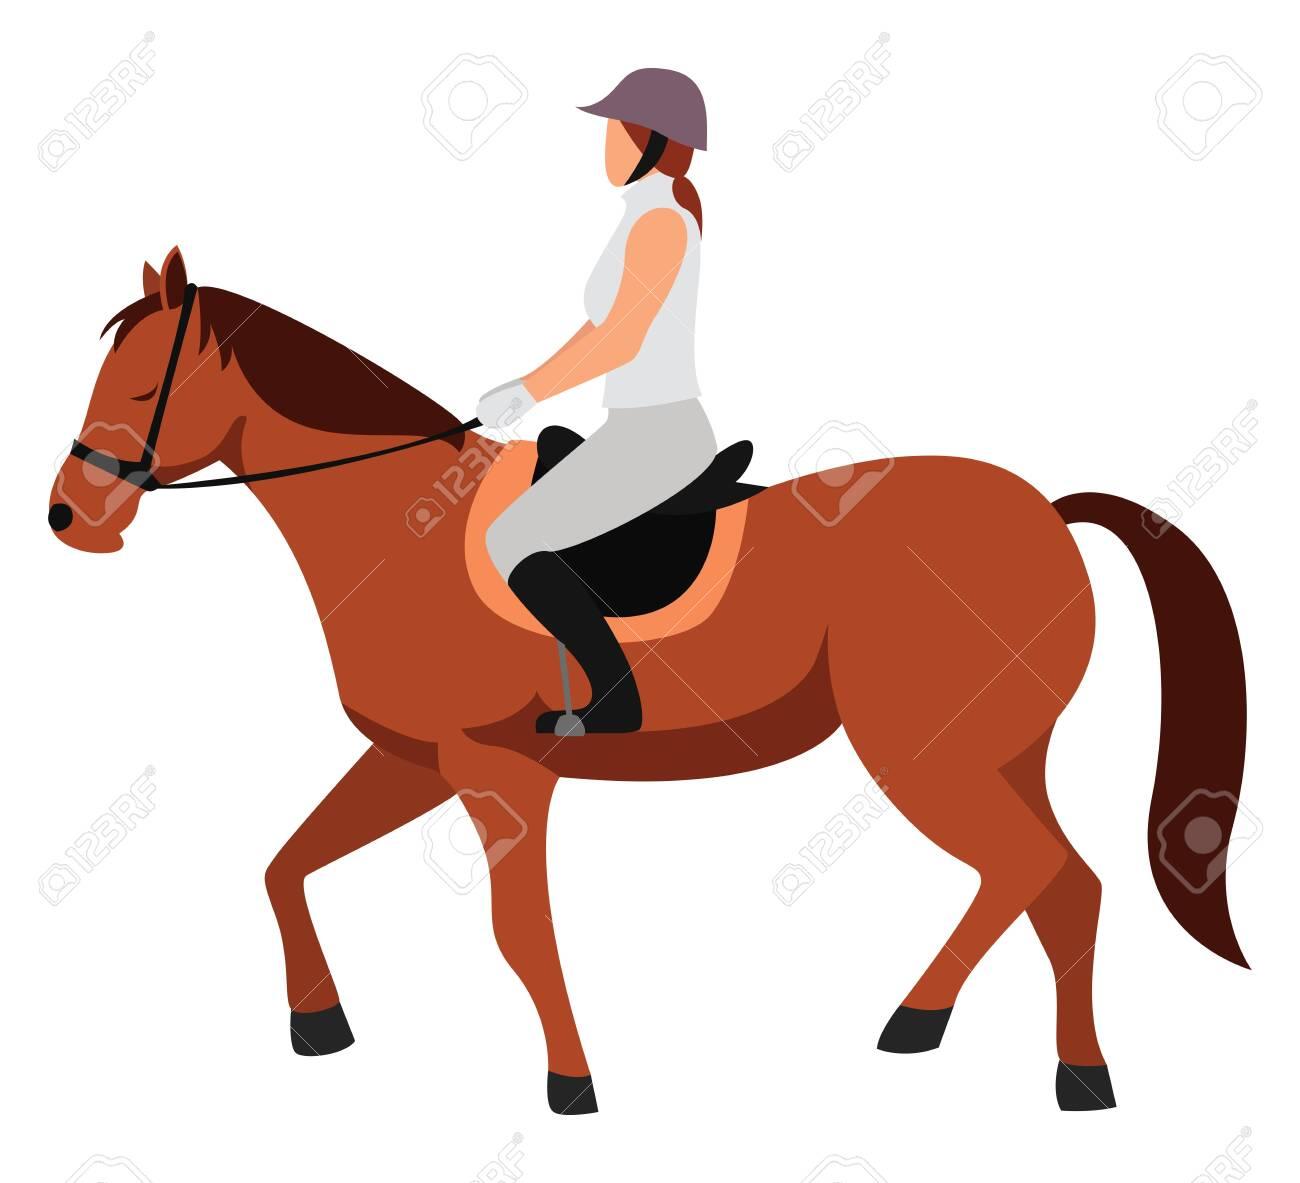 Horseback Riding Illustration Vector On White Background Ilustraciones Vectoriales Clip Art Vectorizado Libre De Derechos Image 152562843